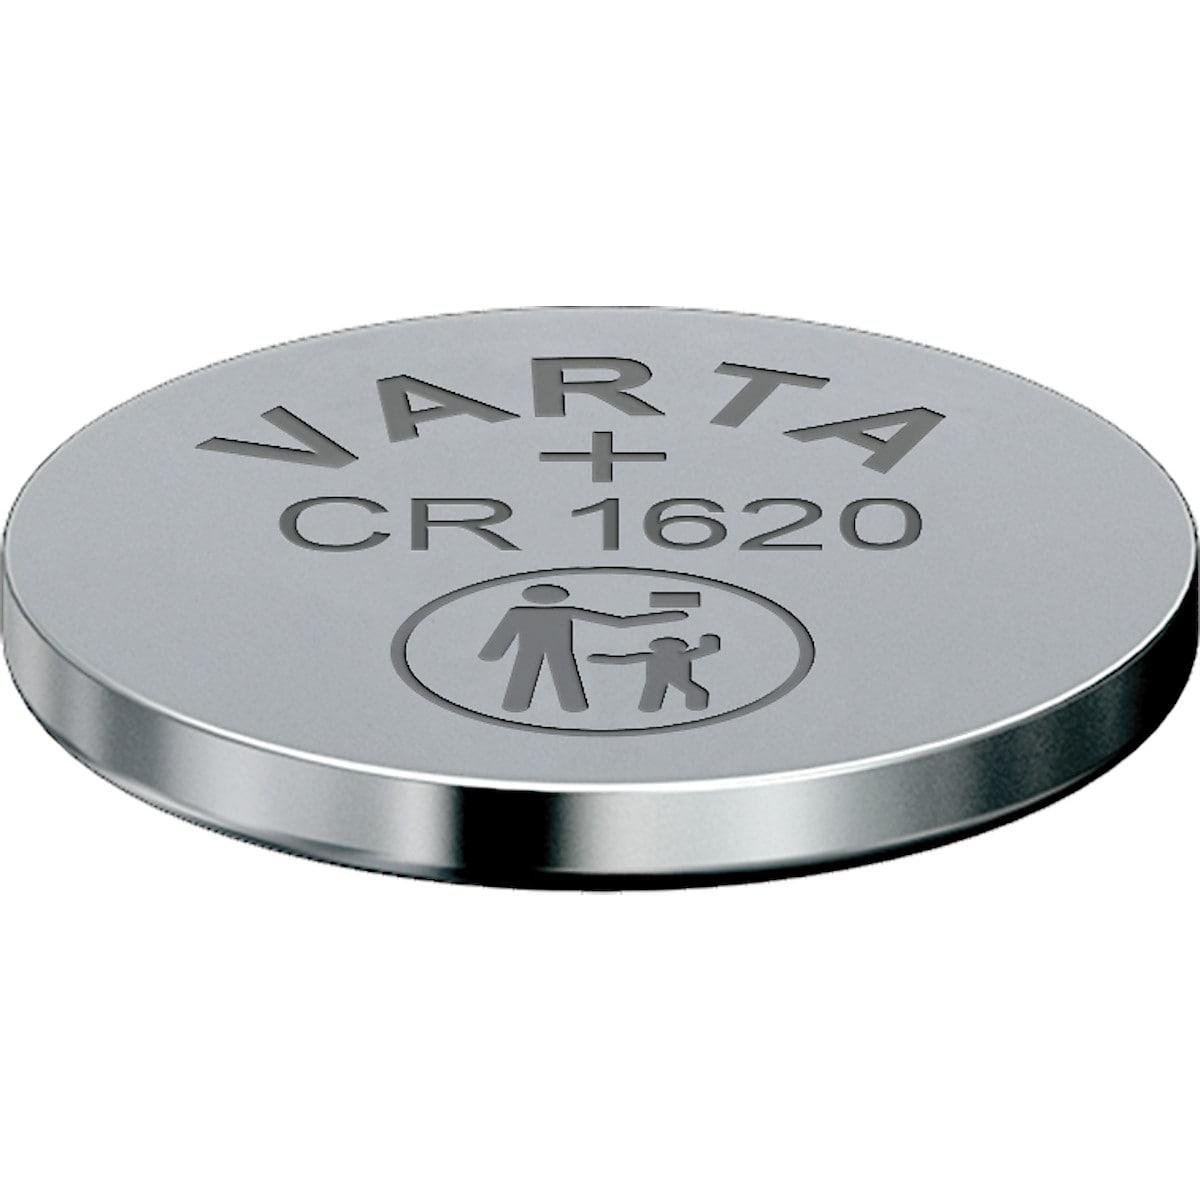 Litiumbatteri CR1620 VARTA